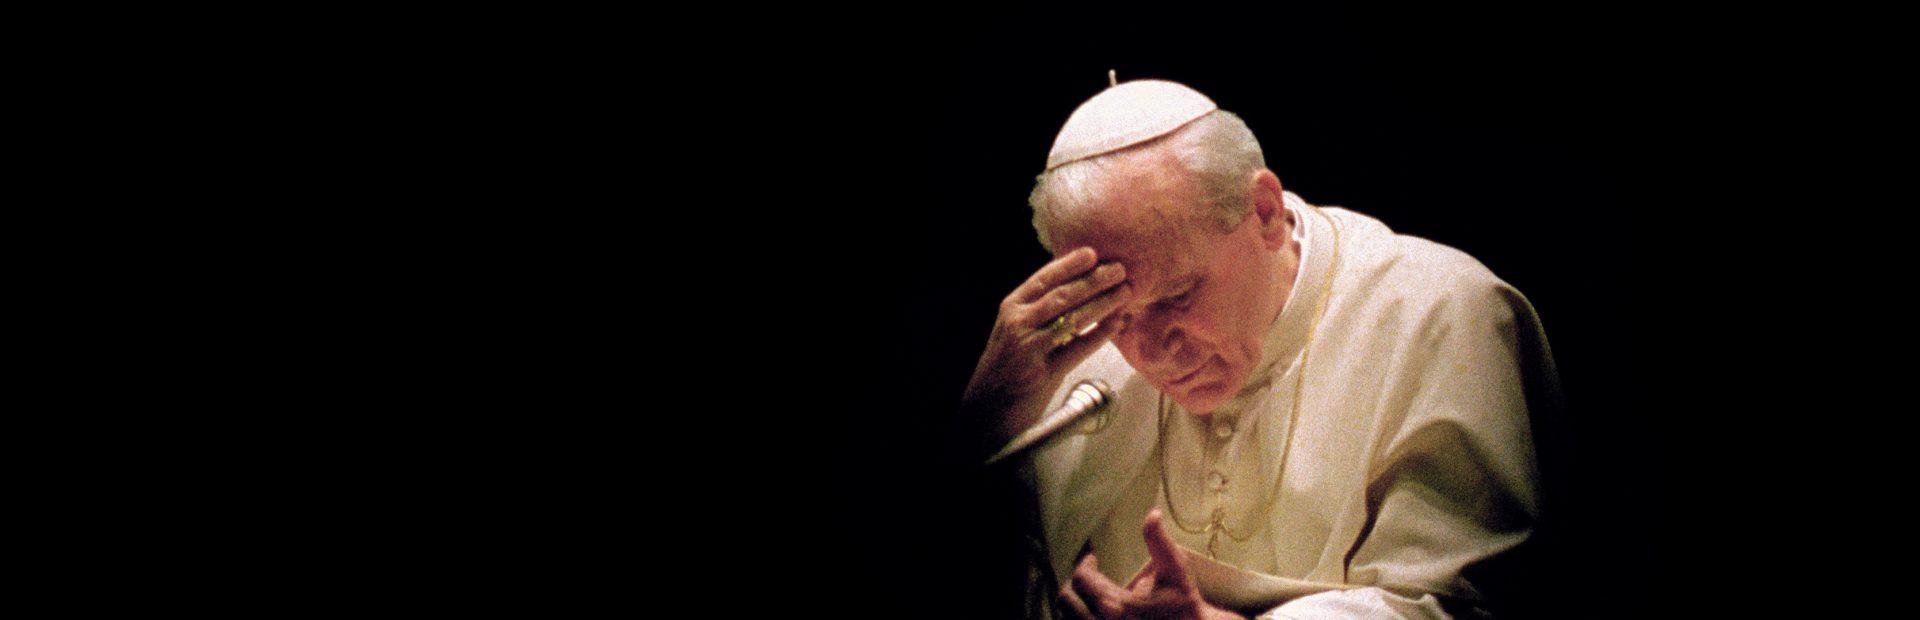 Dzień powszedni Papieża